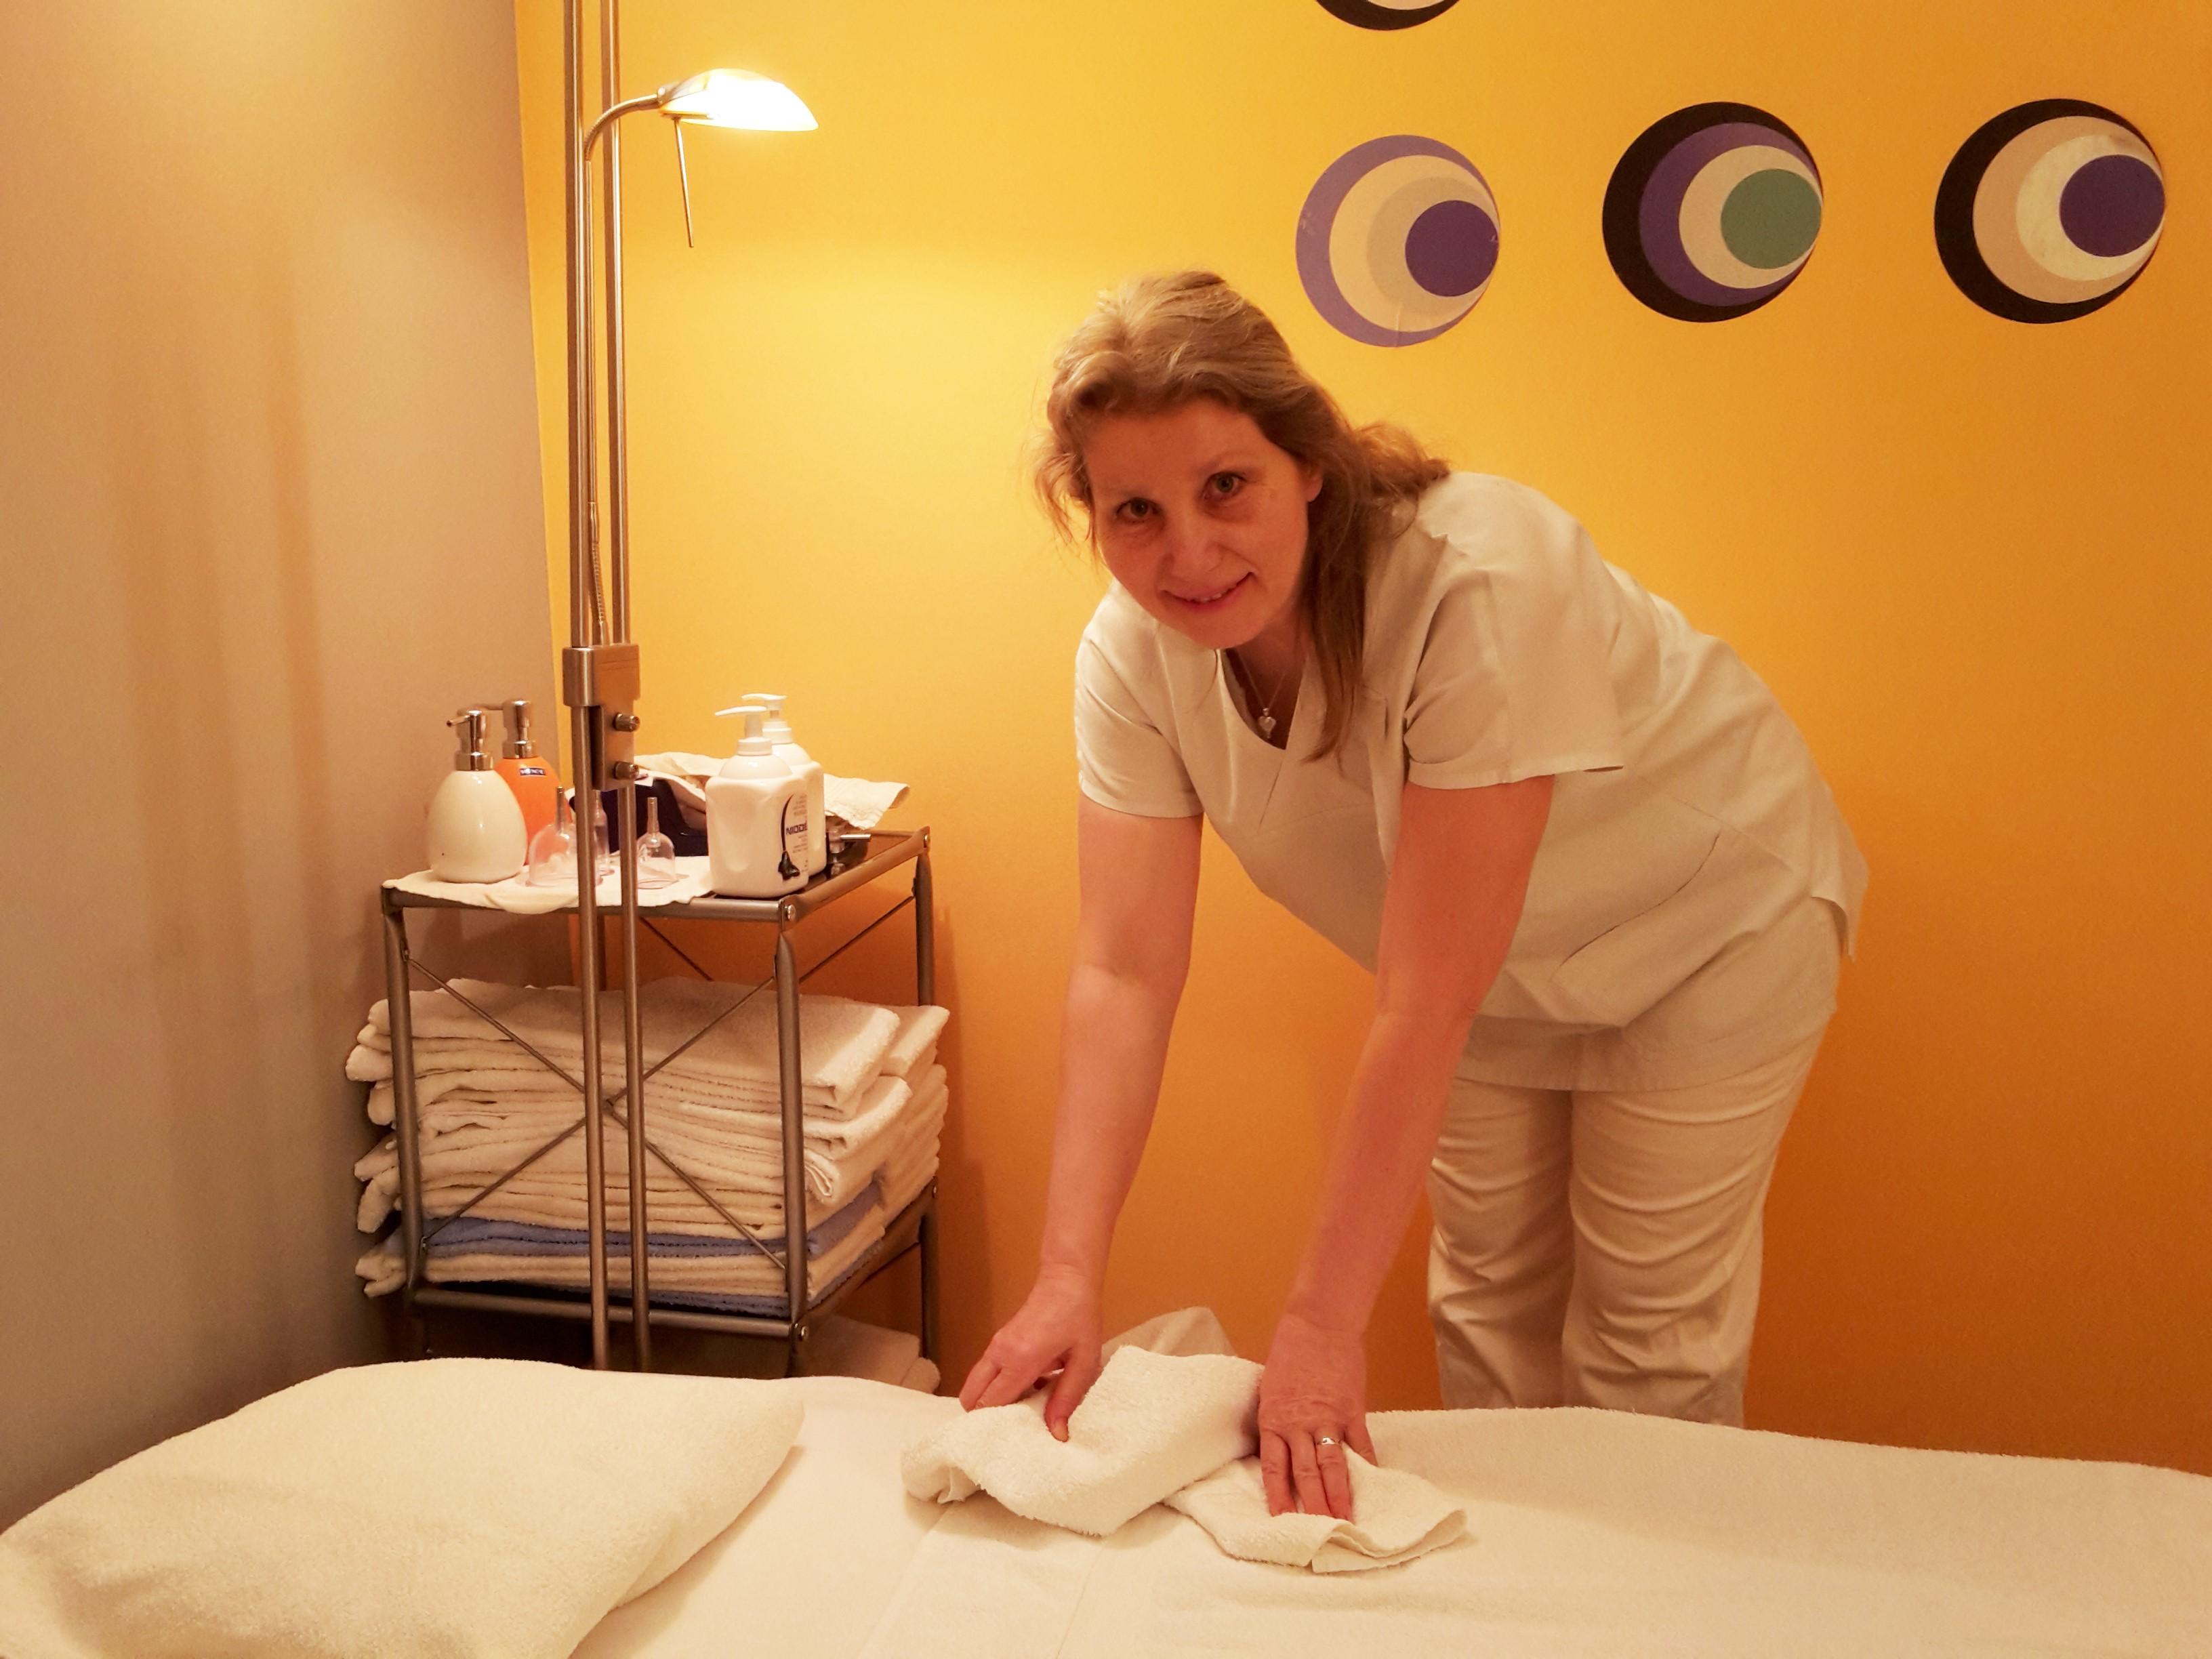 """""""Masírování není jen požitek, má i blahodárné zdravotní účinky,"""" říká masérka Hana Mládková"""